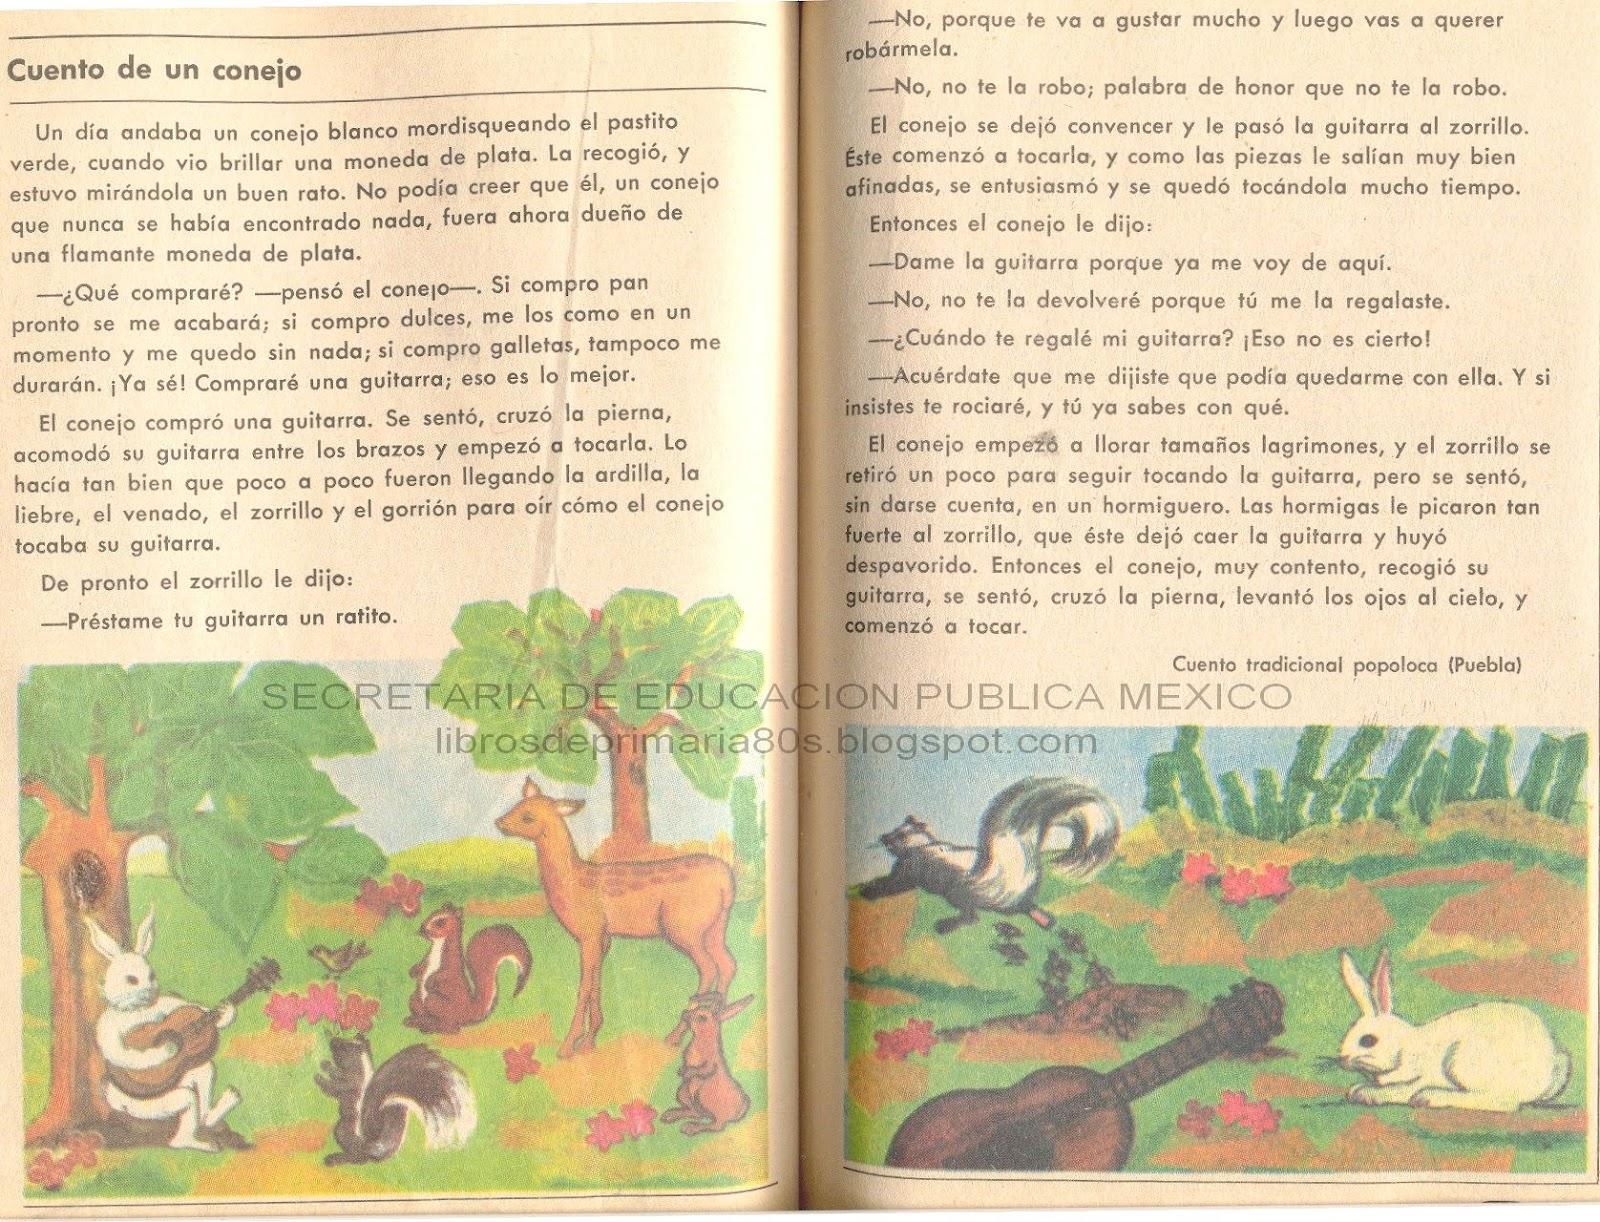 Libros de Primaria de los 80's: Cuento de un conejo